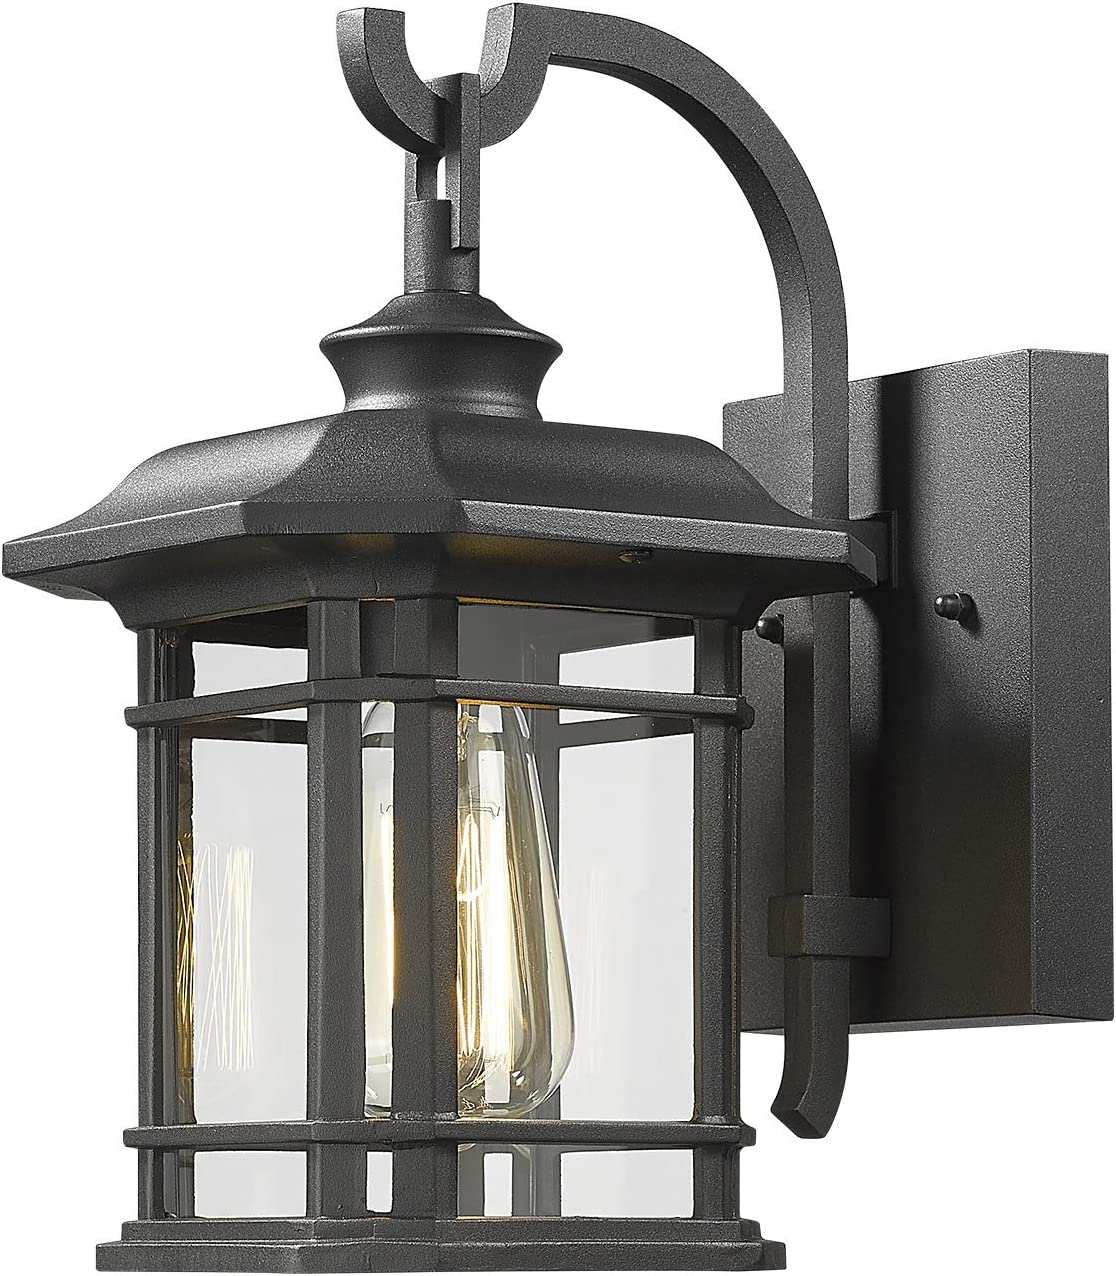 Eapudun Outdoor Wall Mount Light | Modern Exterior Porch Lantern Light Fixture, Matte Black Die-cast Aluminum Finish with Clear Glass, WLA1300-MBK